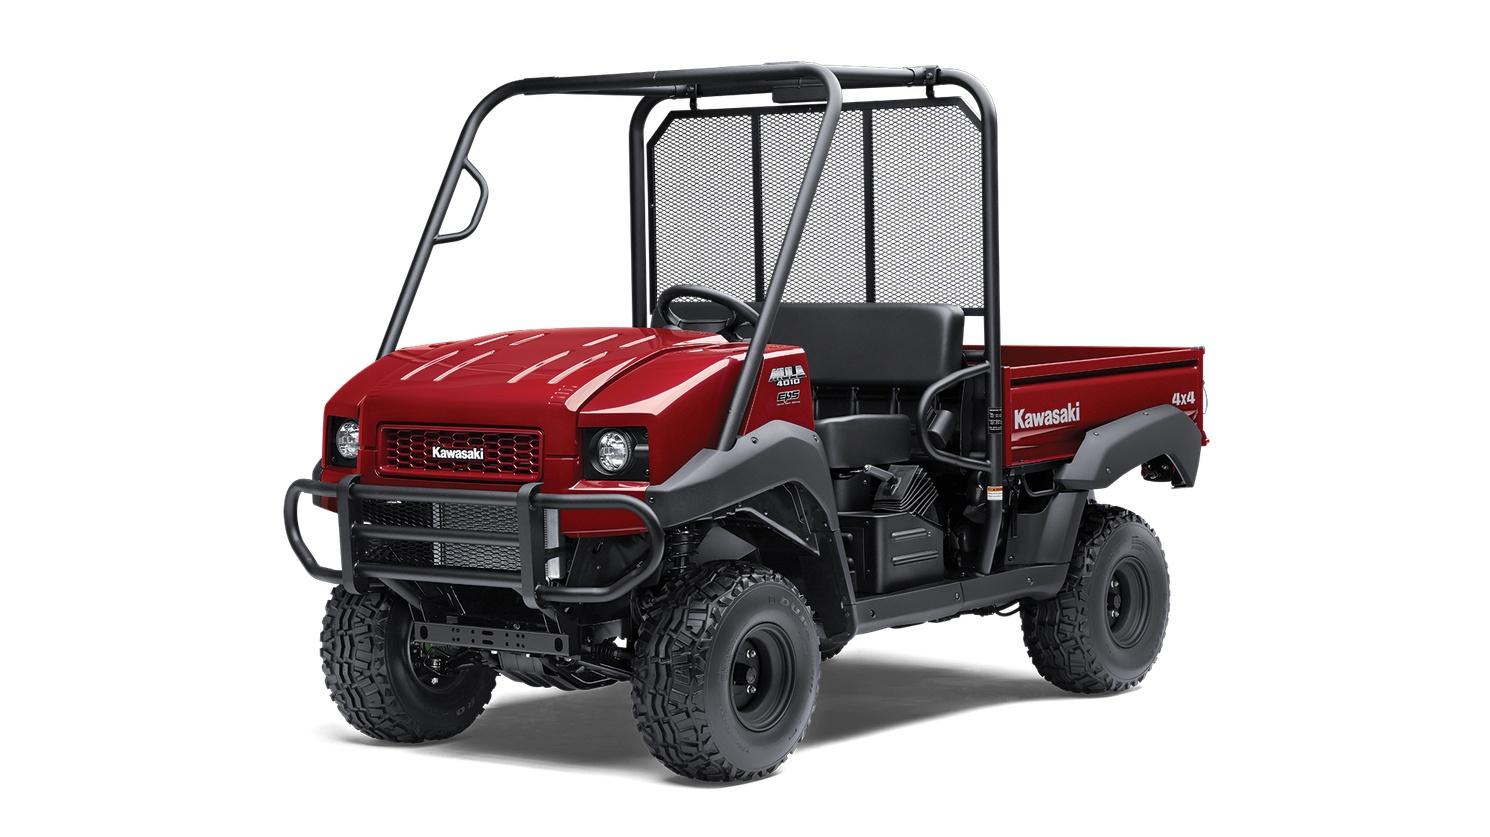 2021 Kawasaki MULE 4010 4×4 Dark Royal Red